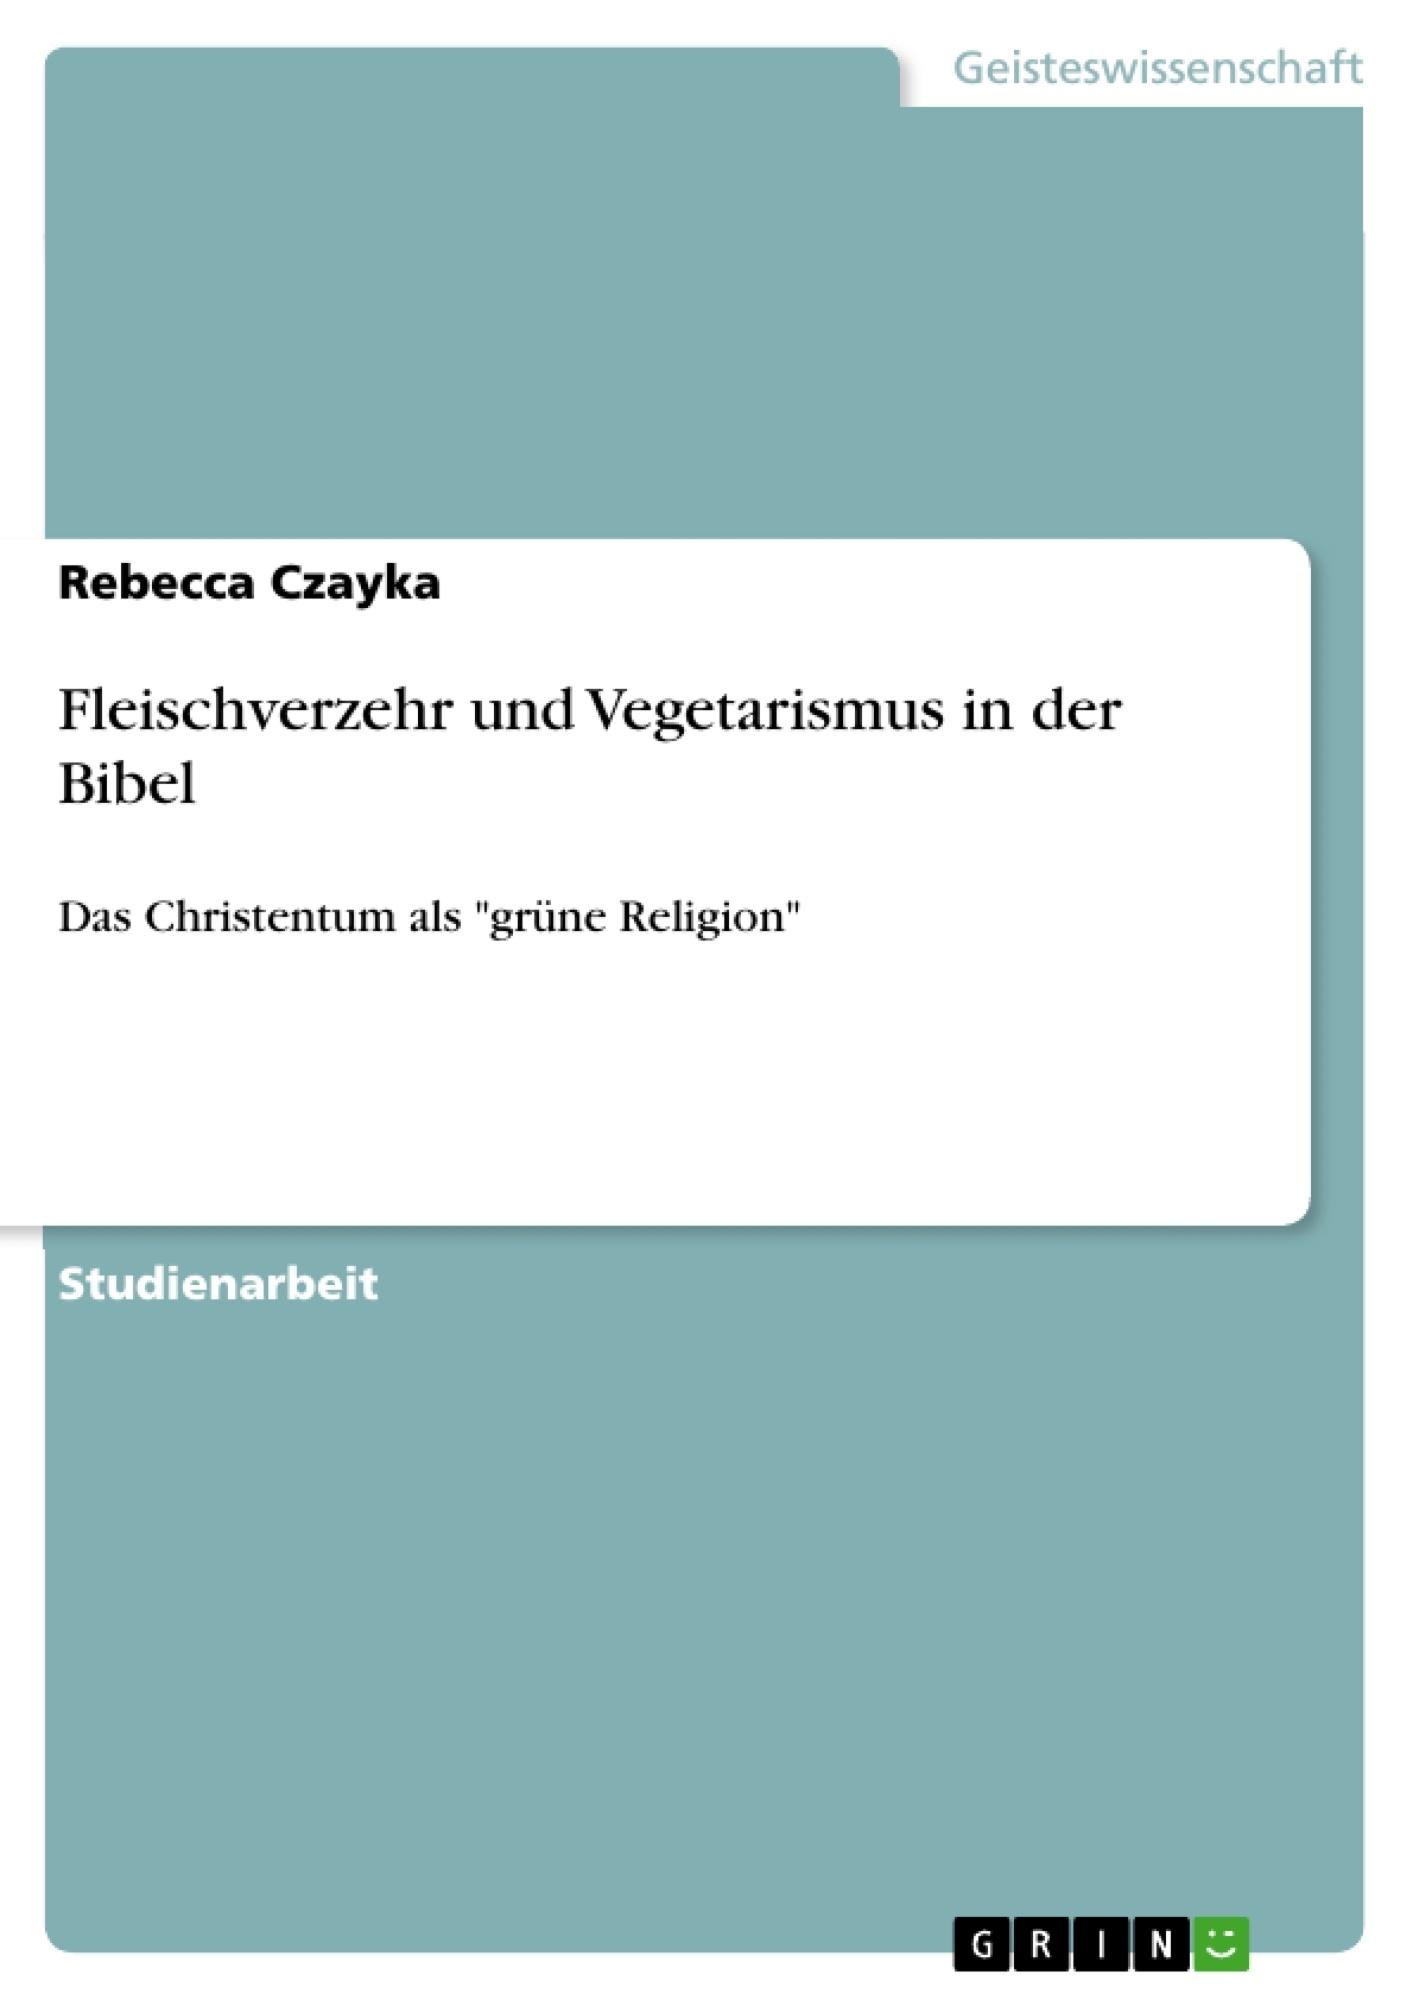 Titel: Fleischverzehr und Vegetarismus in der Bibel